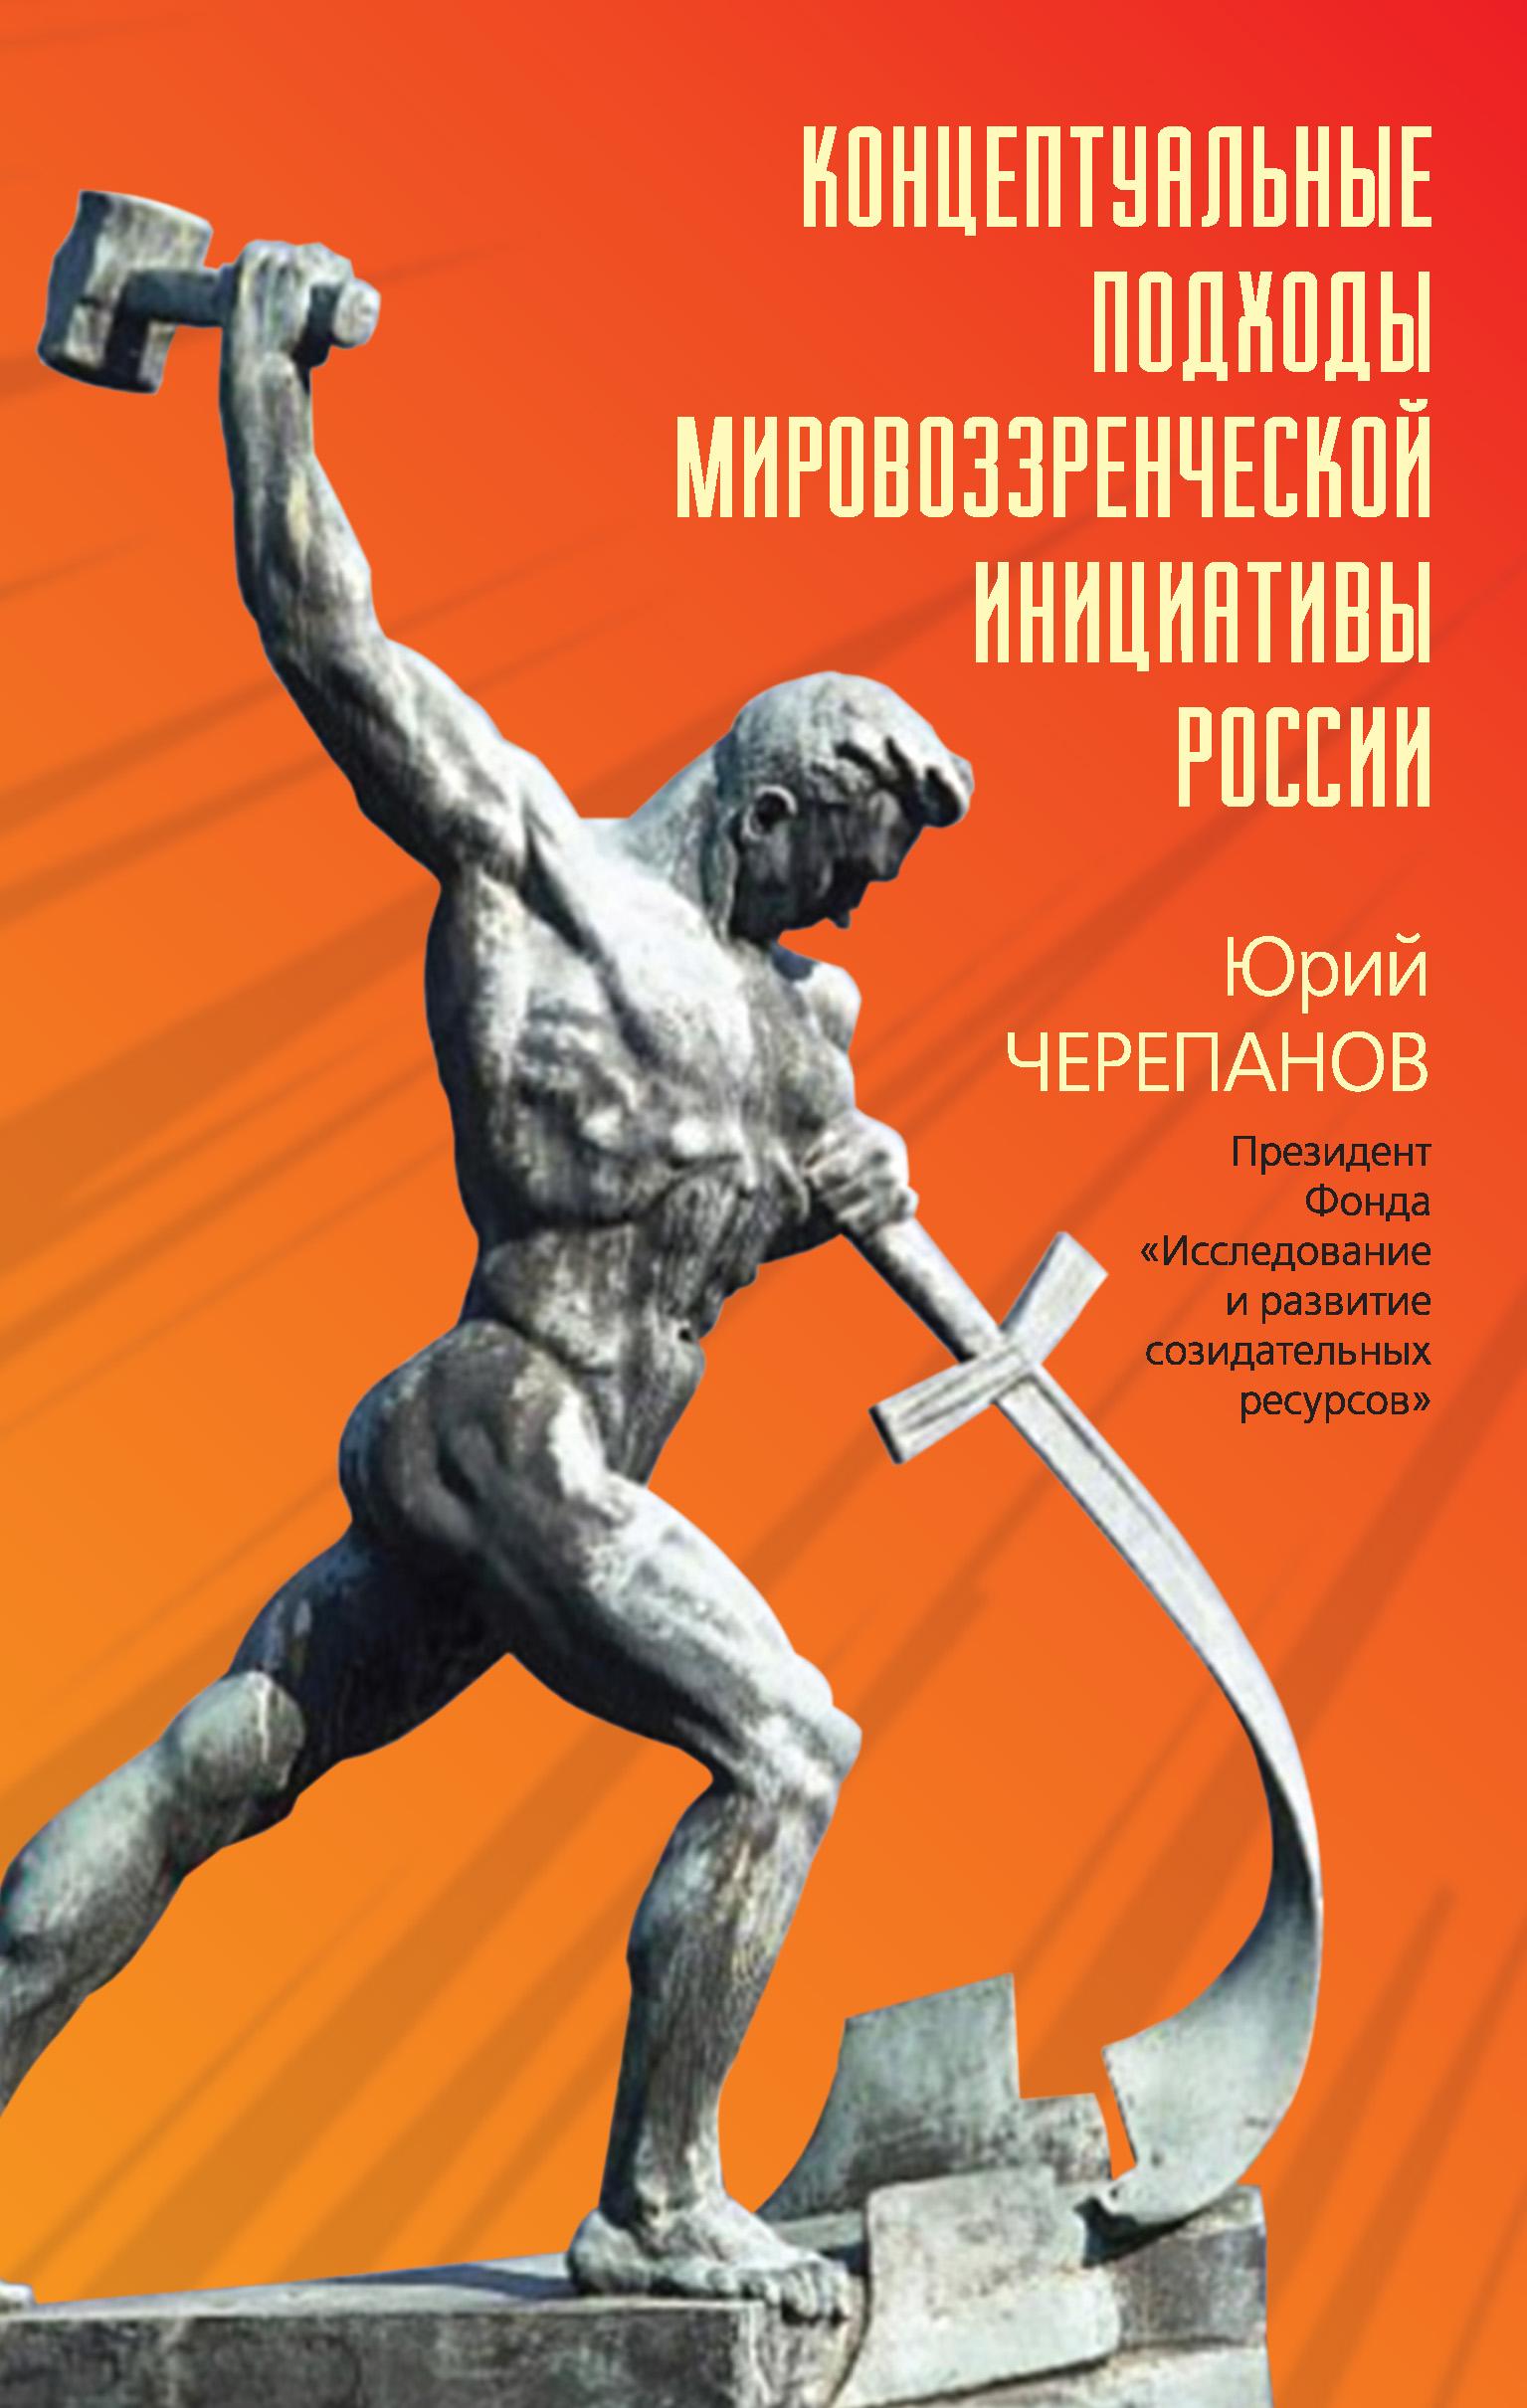 Юрий Черепанов Концептуальные подходы мировоззренческой инициативы России